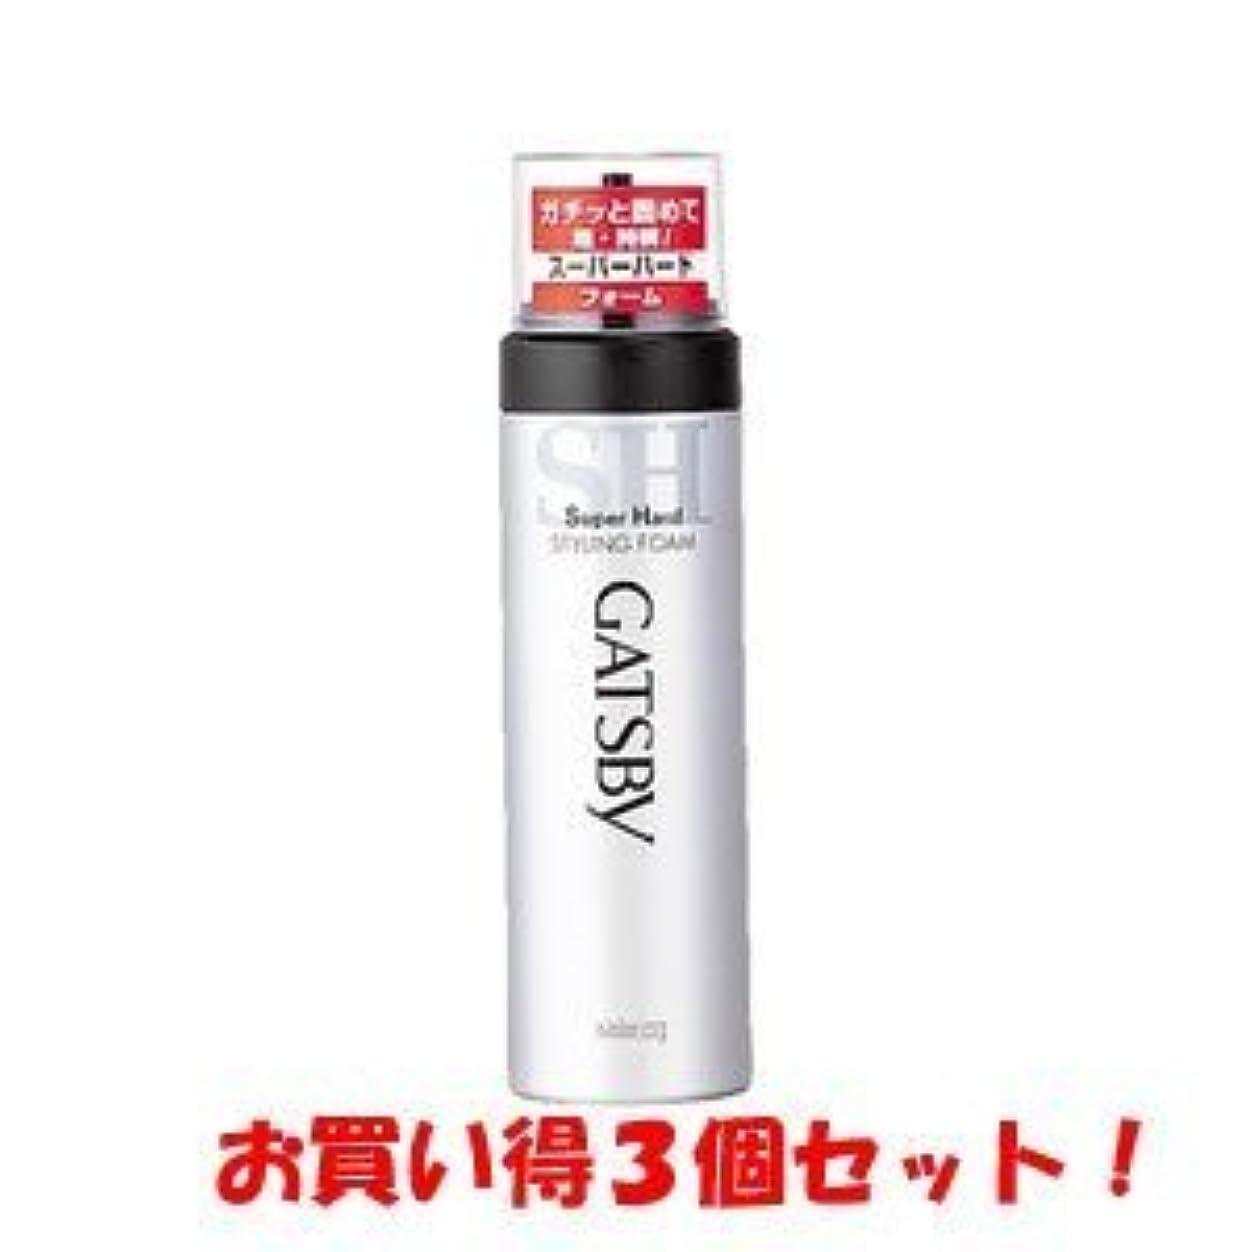 怠惰著者編集者ギャツビー【GATSBY】スタイリングフォーム スーパーハード 185g(お買い得3個セット)